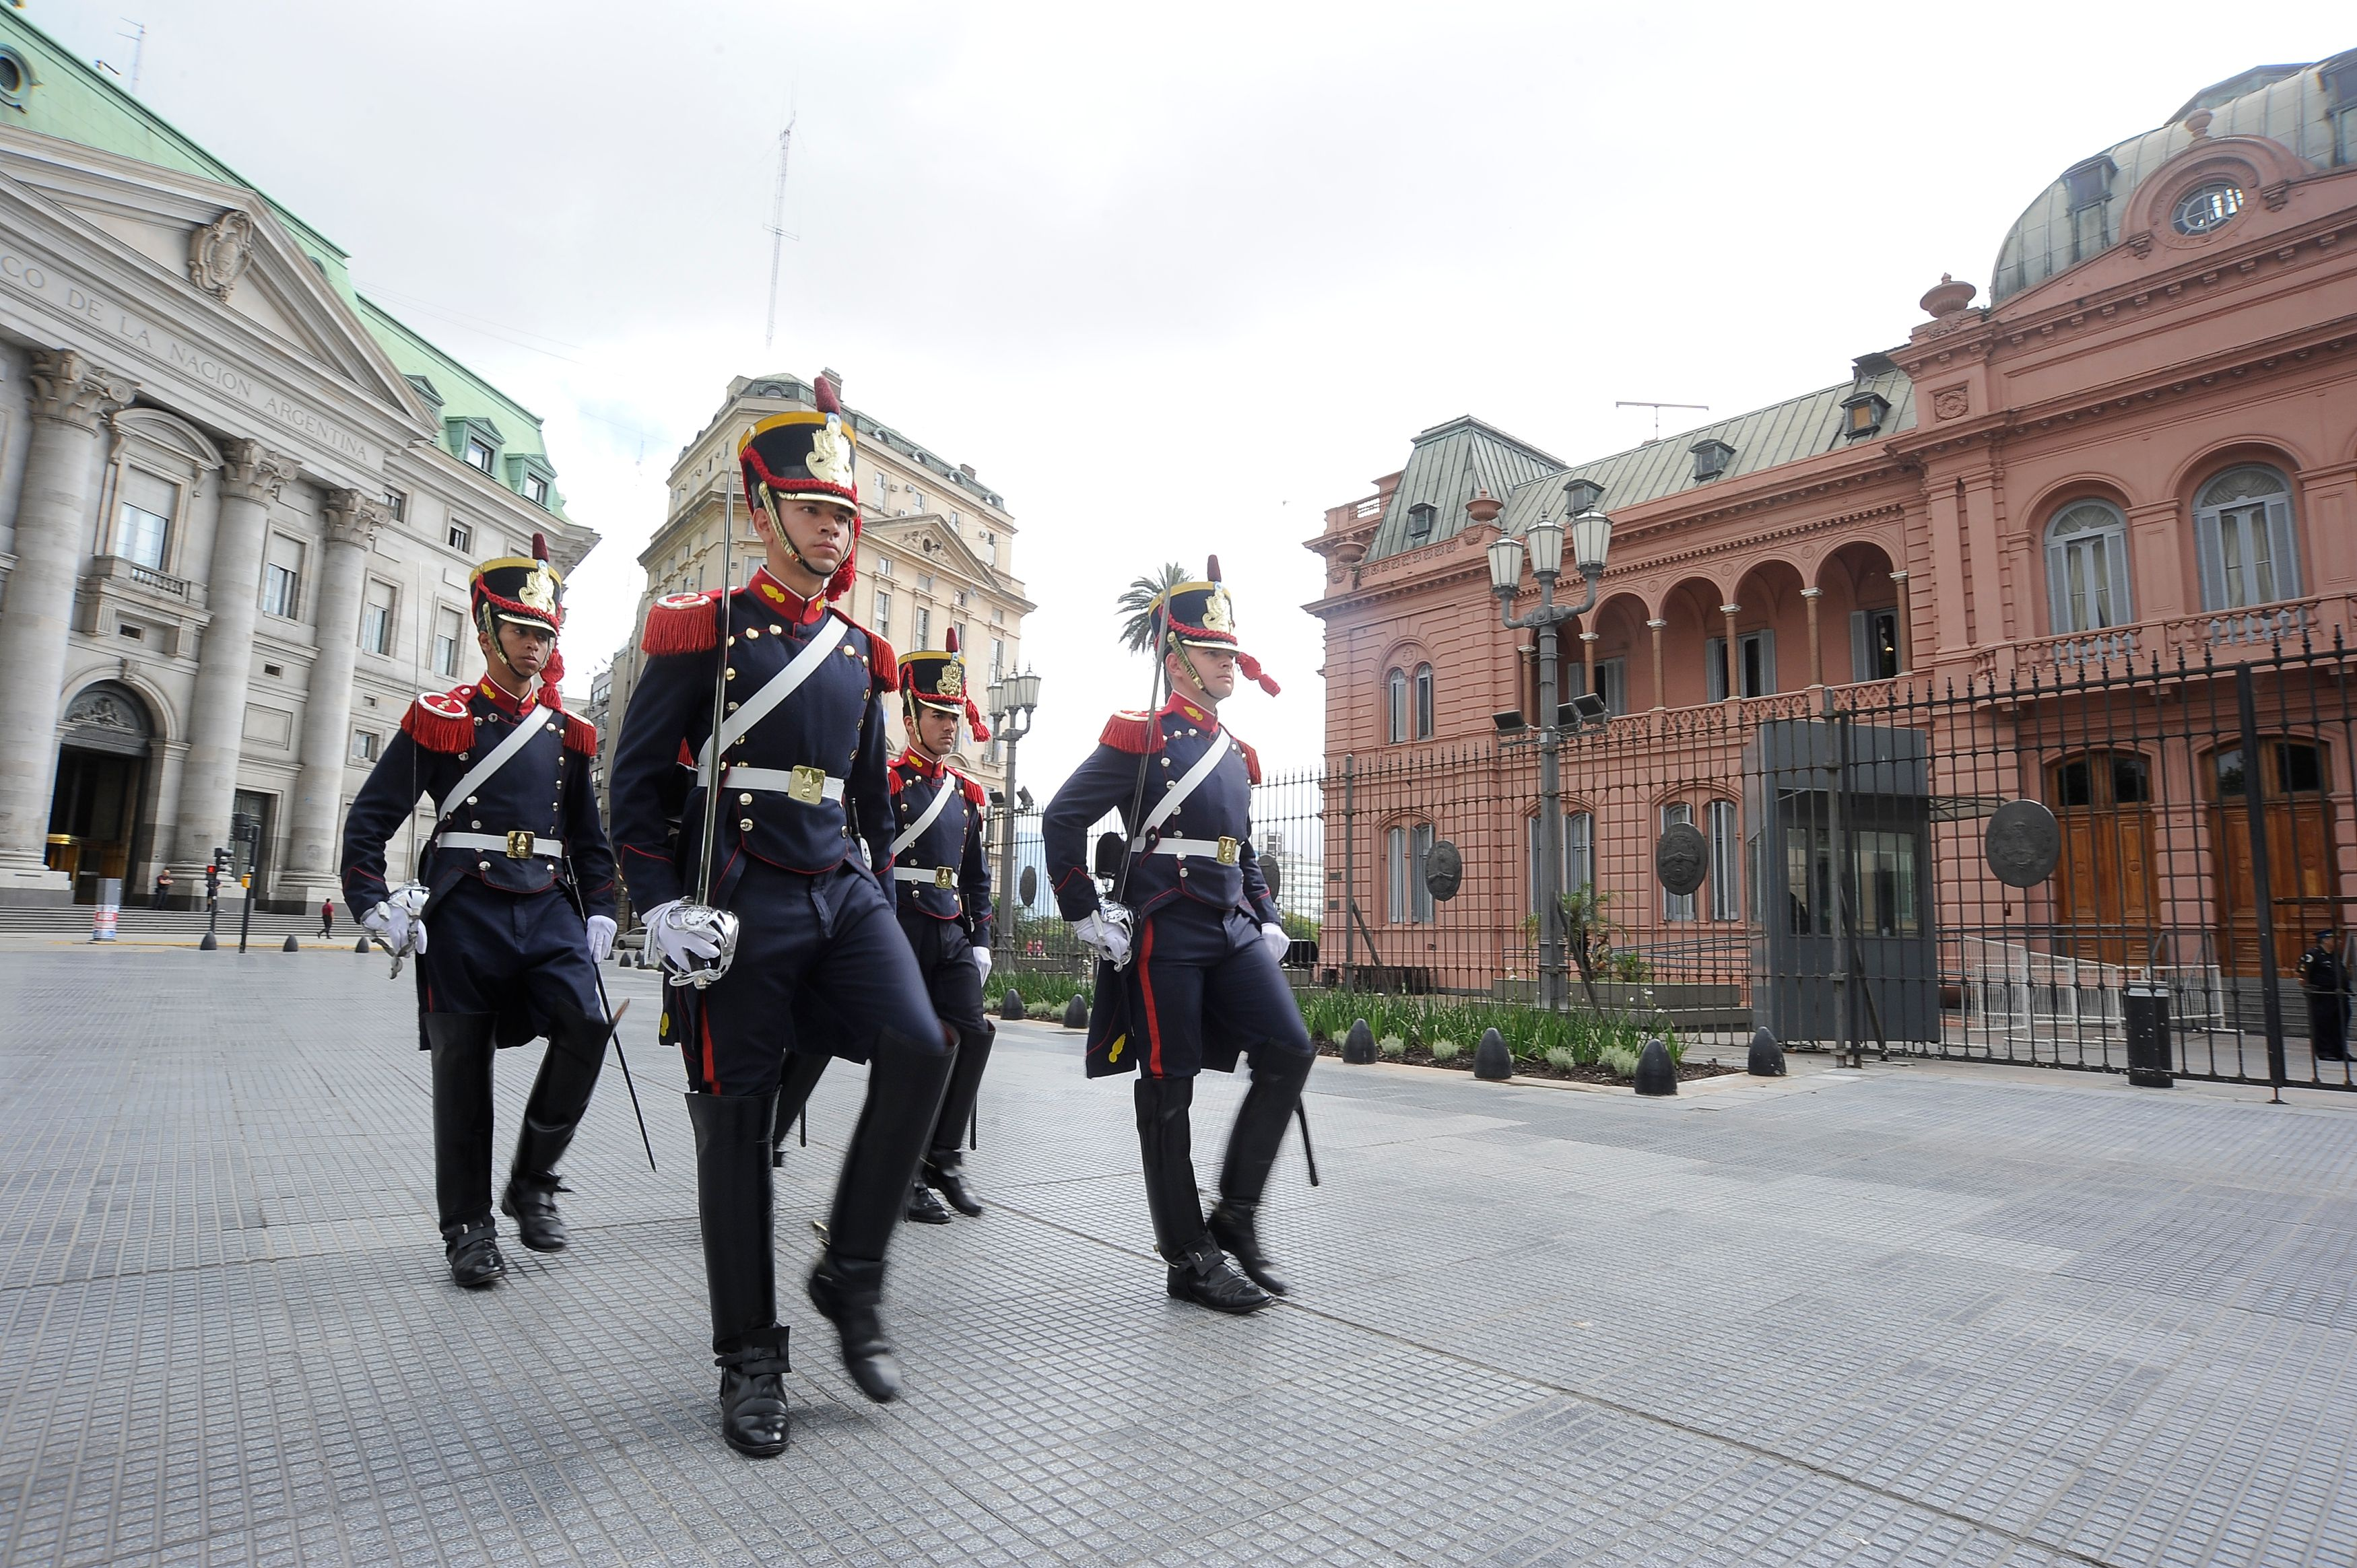 JAVIER GONZALEZ TOLEDO / AFP